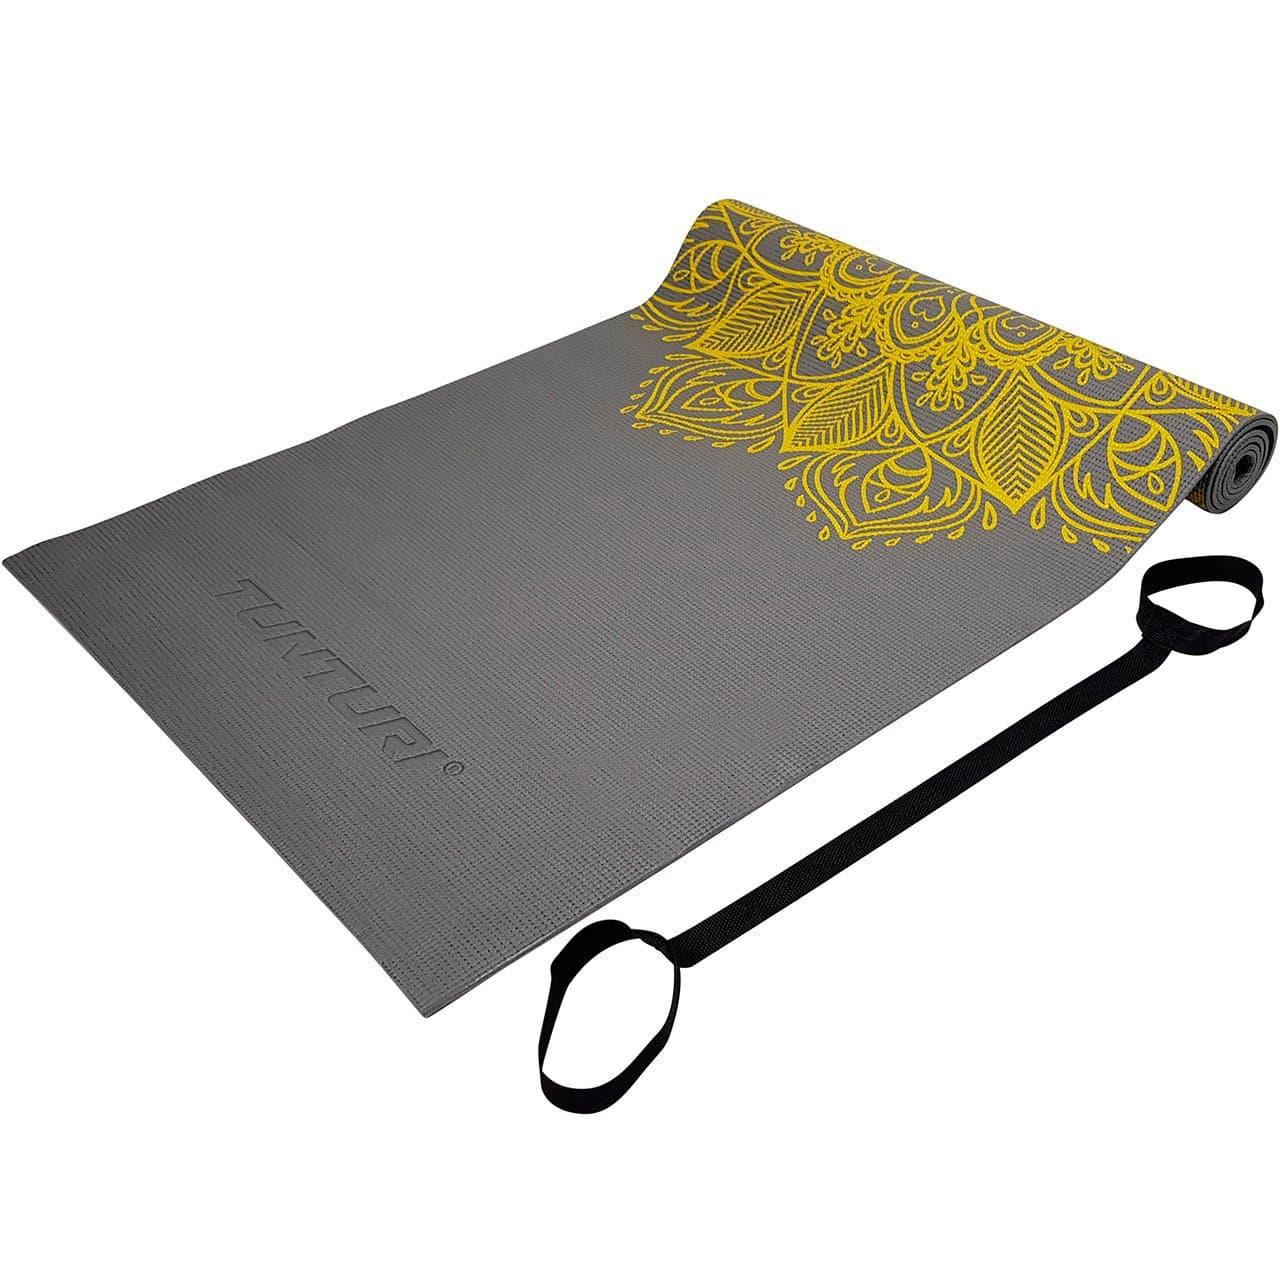 Tunturi Tapis de yoga PVC antidérapant 4mm anthracite